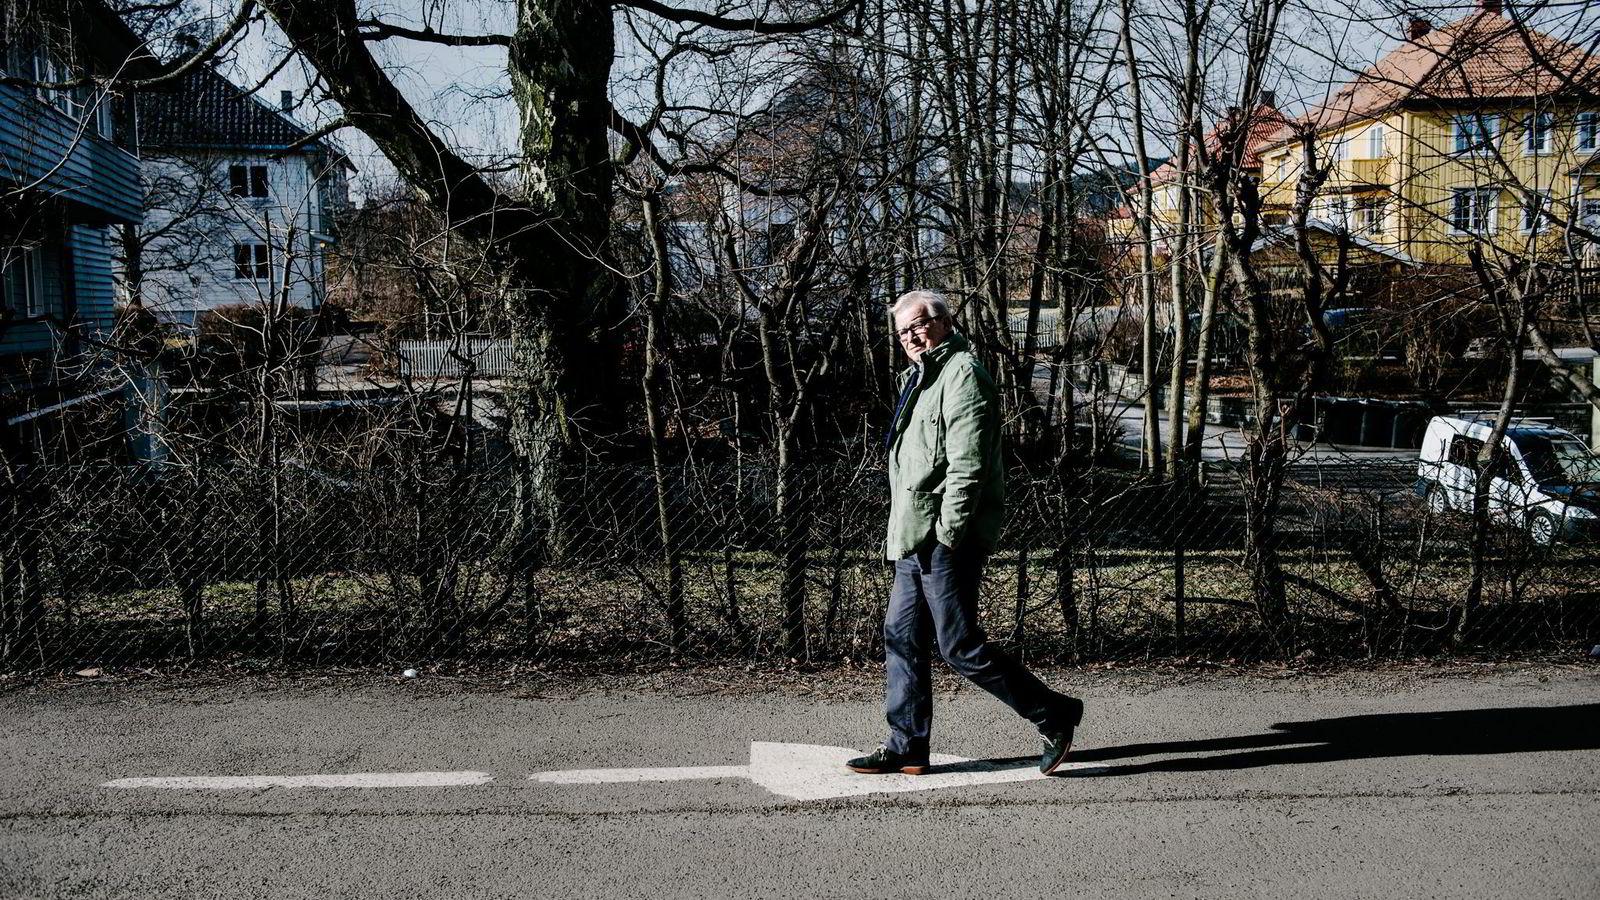 Nylig avgått redaktør i Schibsted, Bernt Olufsen, trener fire ganger i uken og er en ivrig hobbykokk. Nå skal han bruke sin nye blogg til å skrive om egne erfaringer knyttet til aktuelle temaer. Her fra hans eget nabolag Ullevål Hageby.